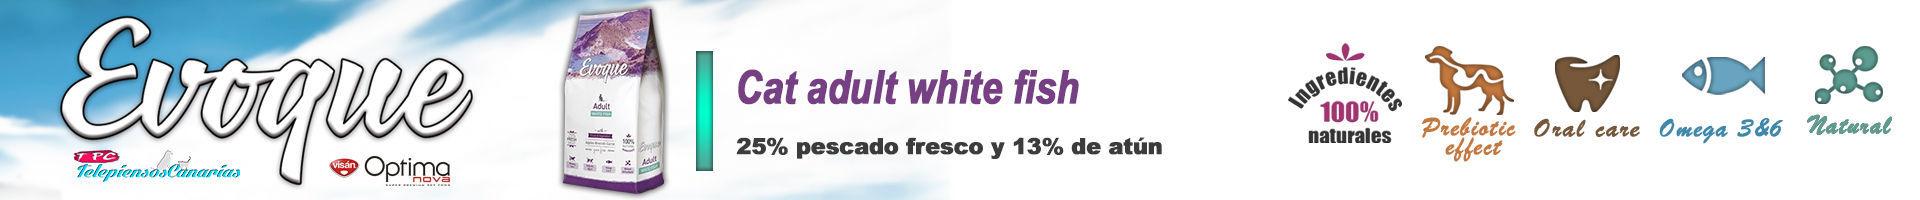 Evoque cat adult white fish, alimento con 25 % de pescado blanco